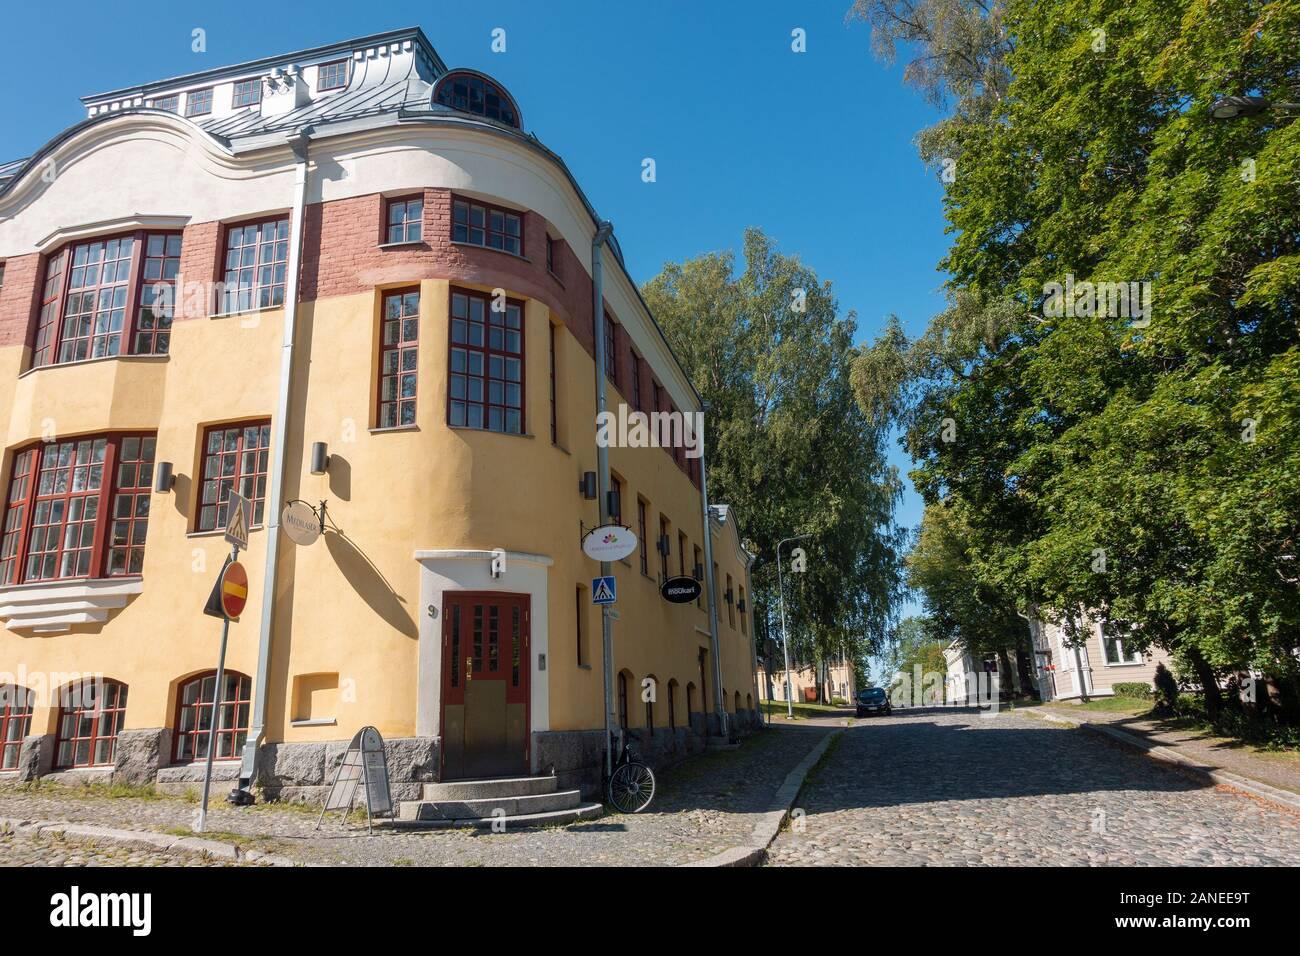 Streets of old Hämeenlinna town Stock Photo